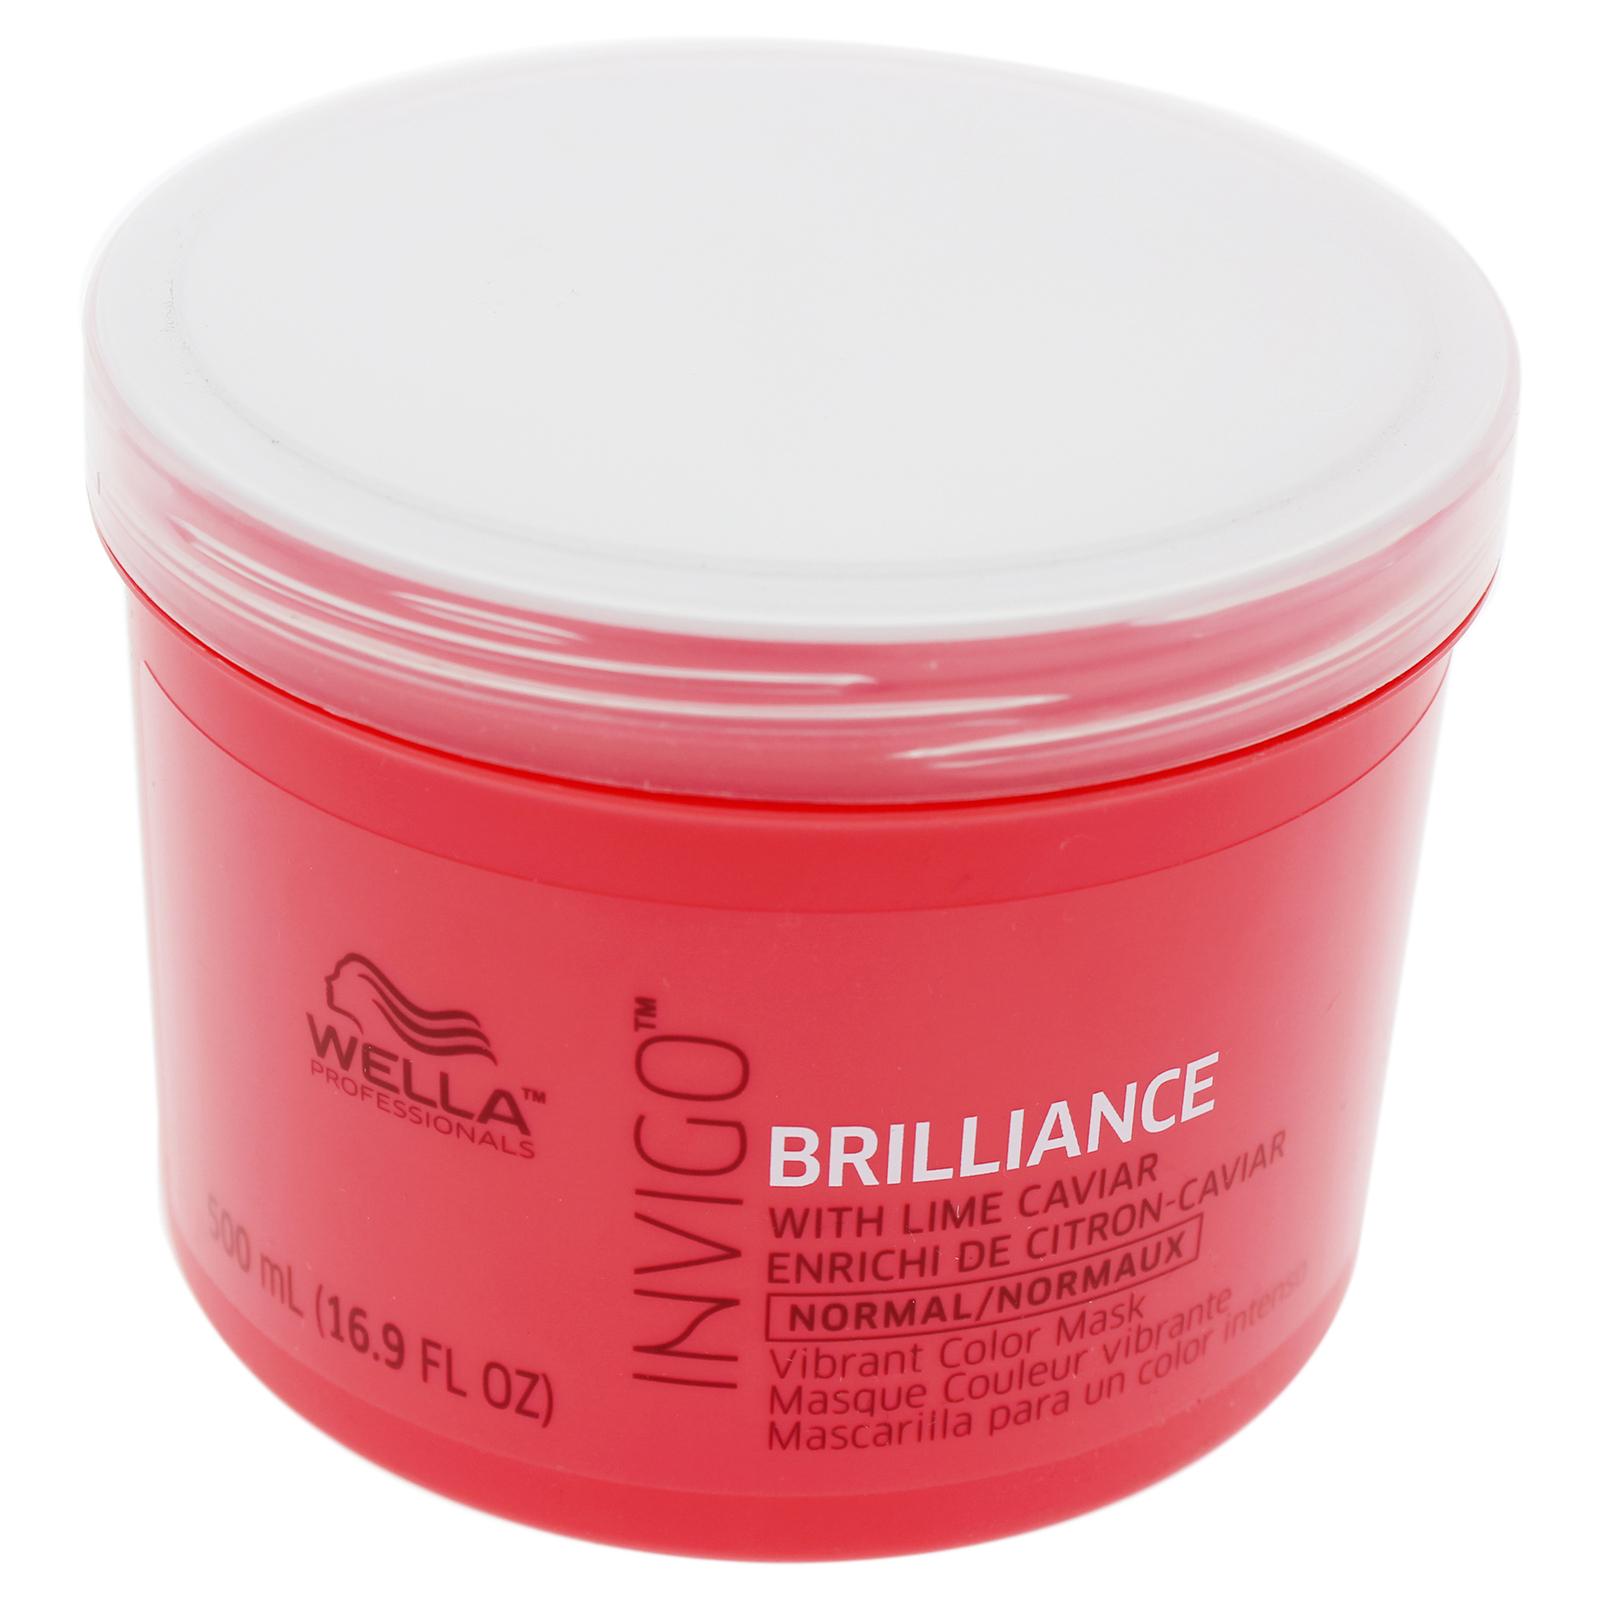 Wella  INVIGO Brilliance Mask for Fine Hair, 16.9oz